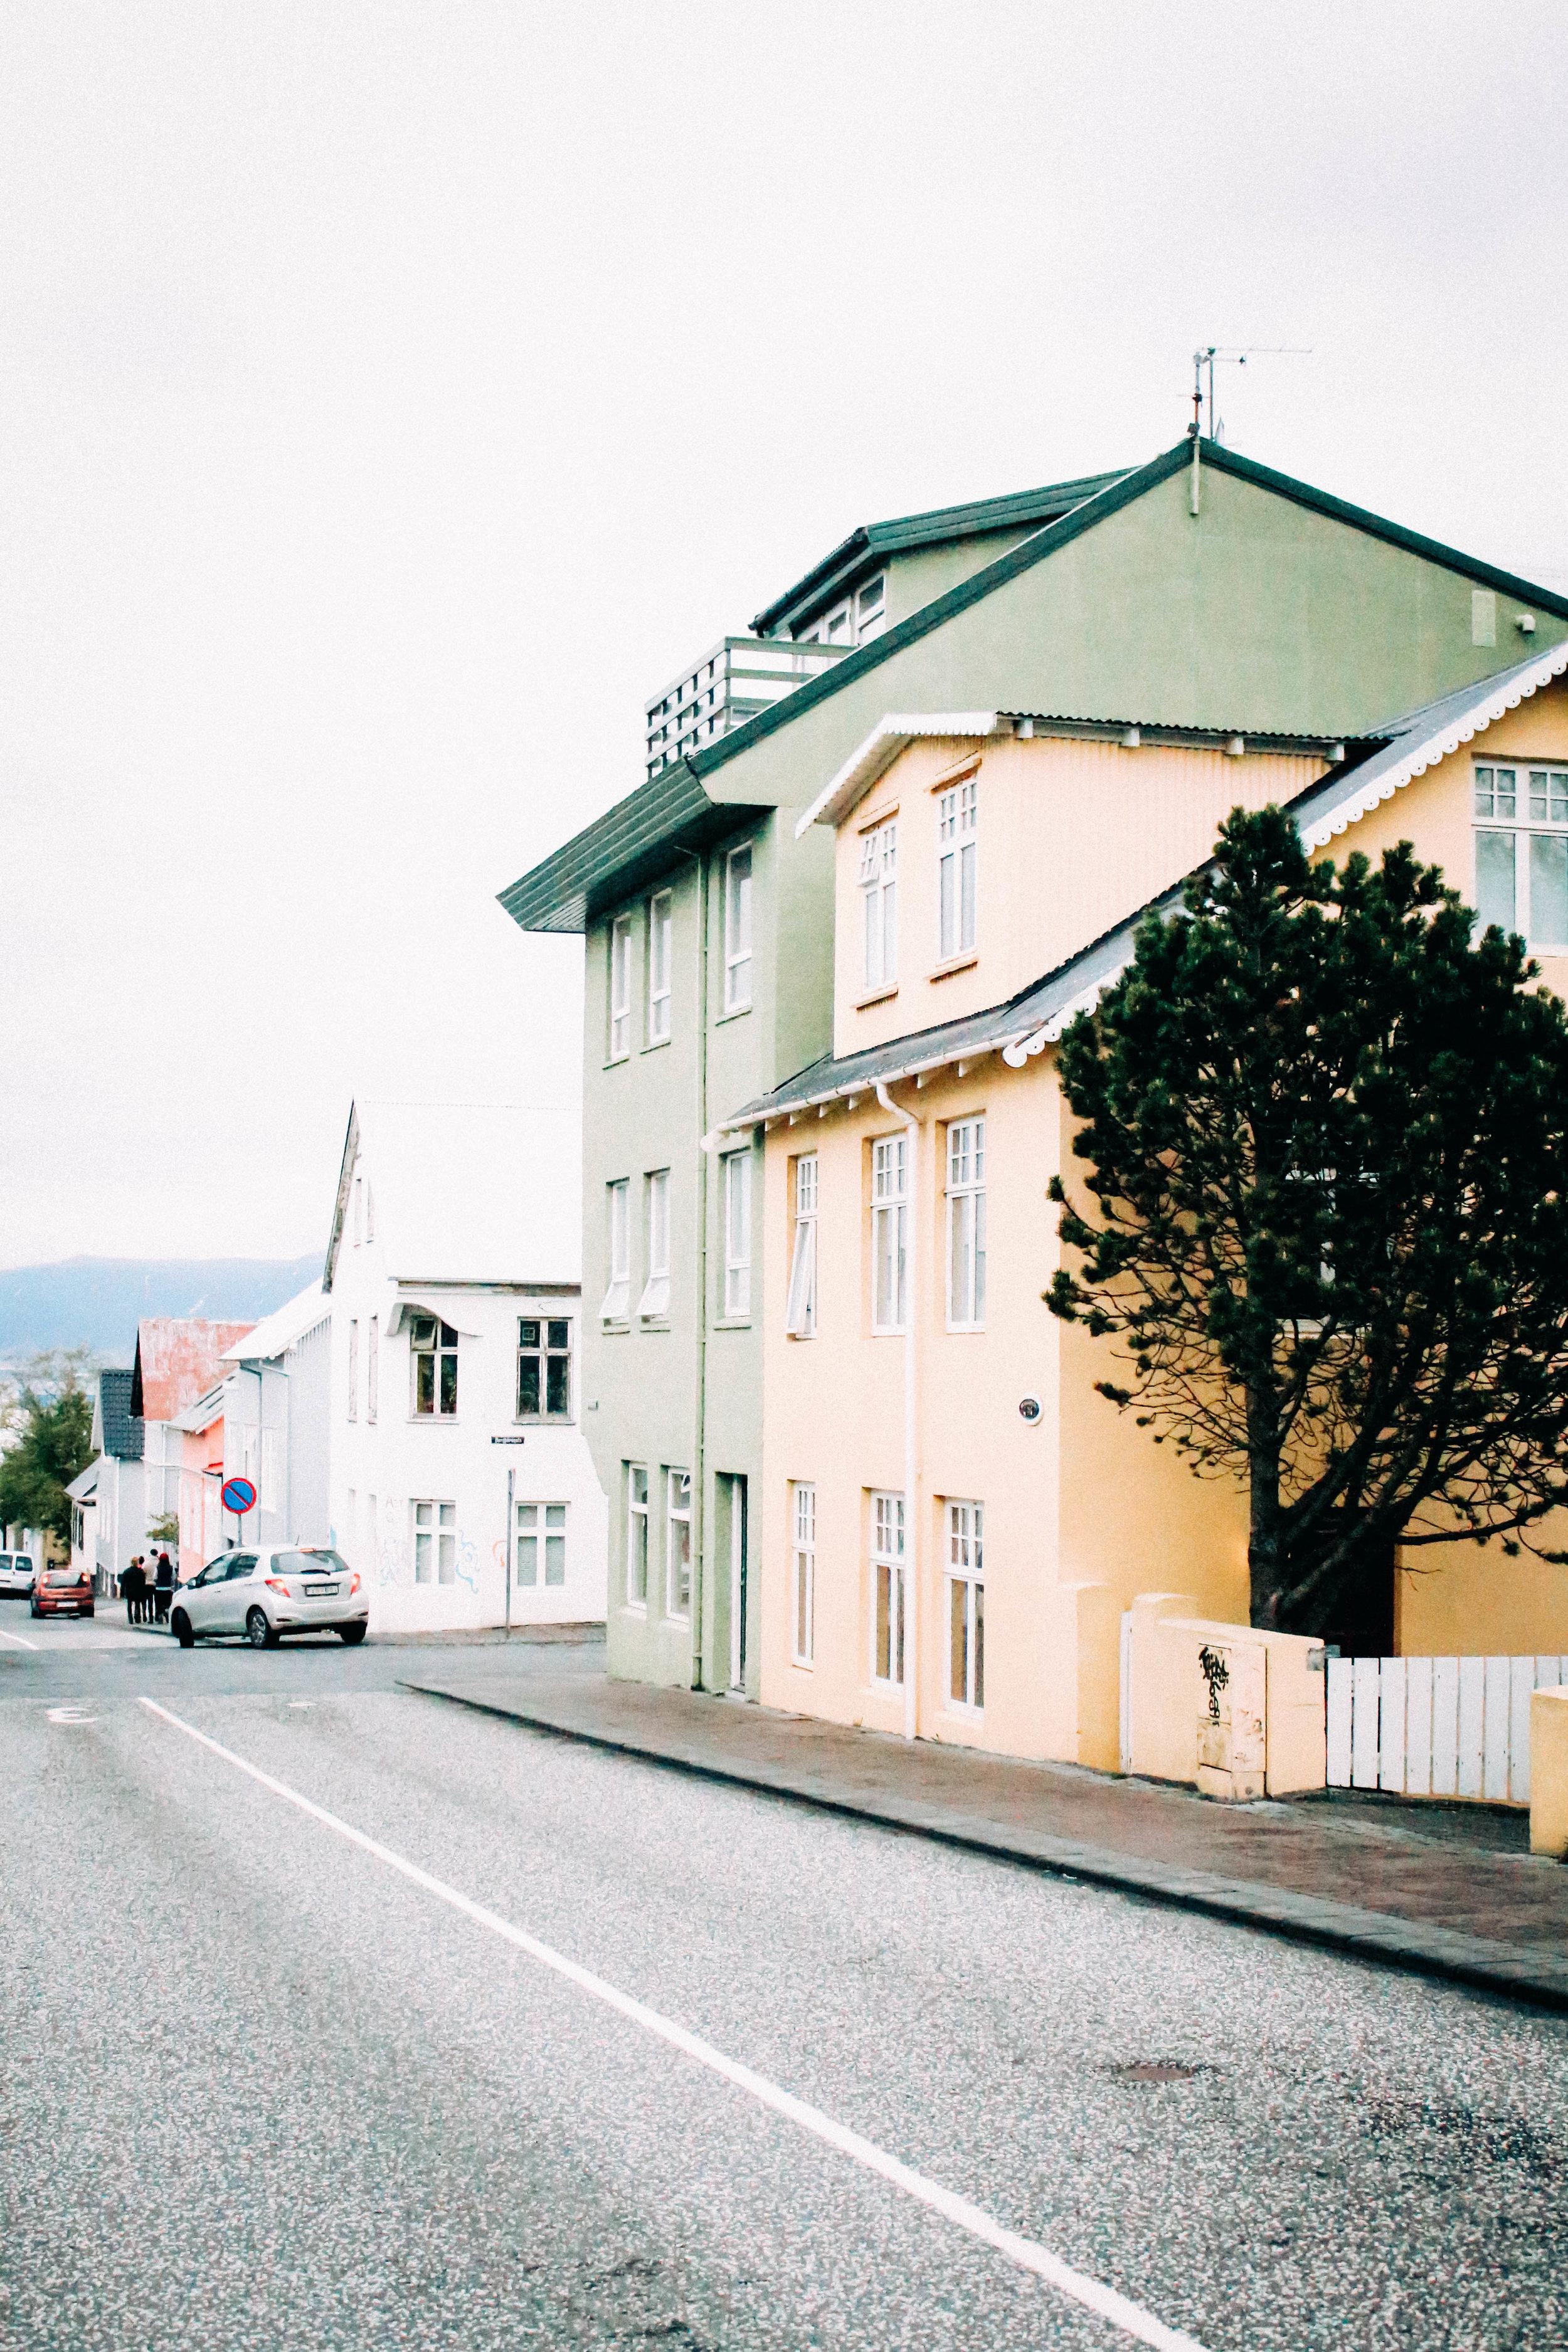 House-272.jpg